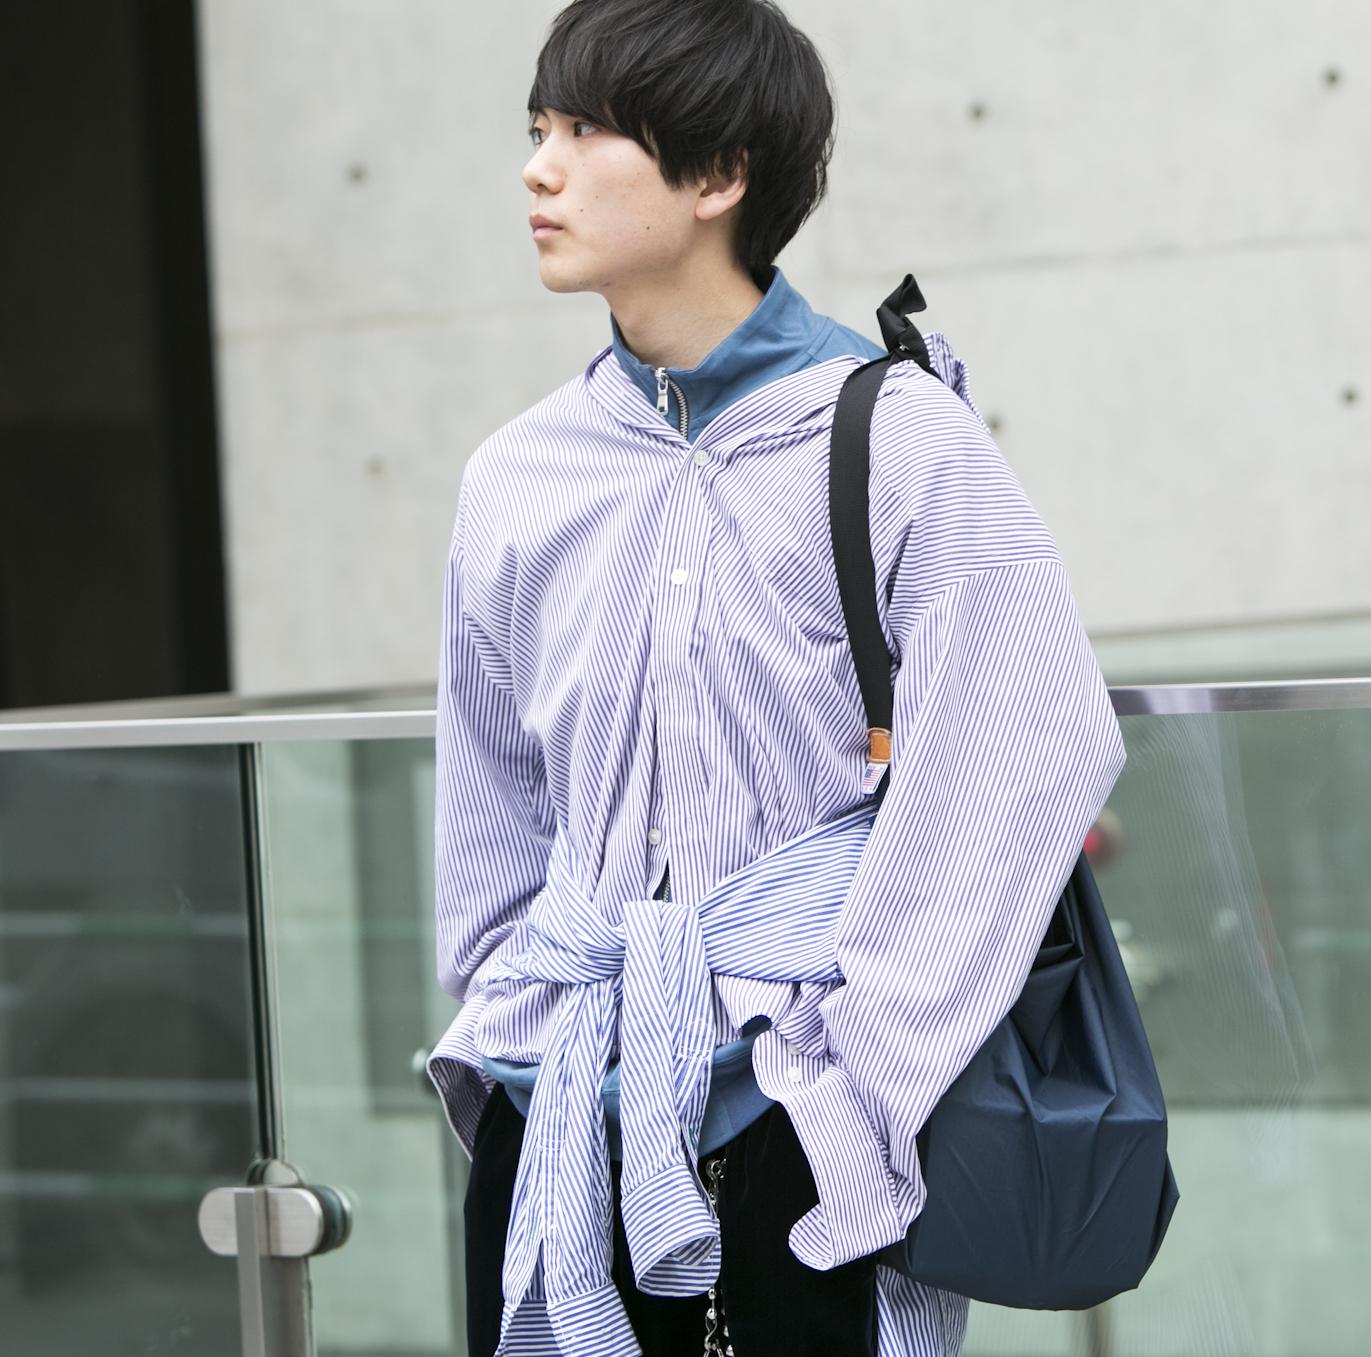 20歳・夕也「好きなブランドは特にないけど、古着屋にはよく行きます」【18-22 SNAP #022】